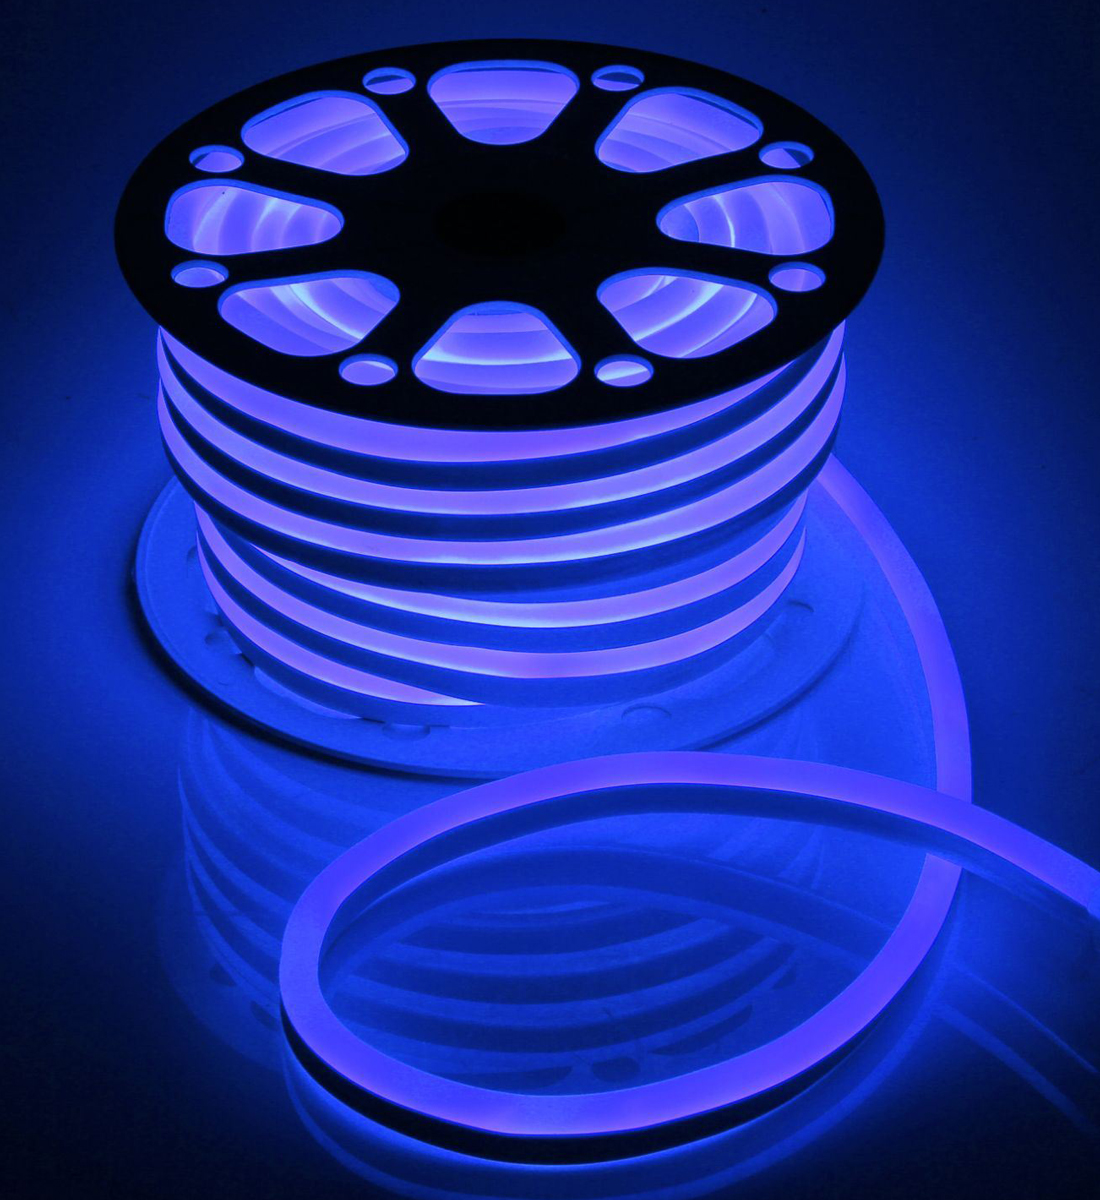 Гирлянда светодиодная  Luazon , 120 ламп, 220 V, цвет: синий, 1,5 см х 2,5 см х 25 м. 1431313 -  Гирлянды и светильники